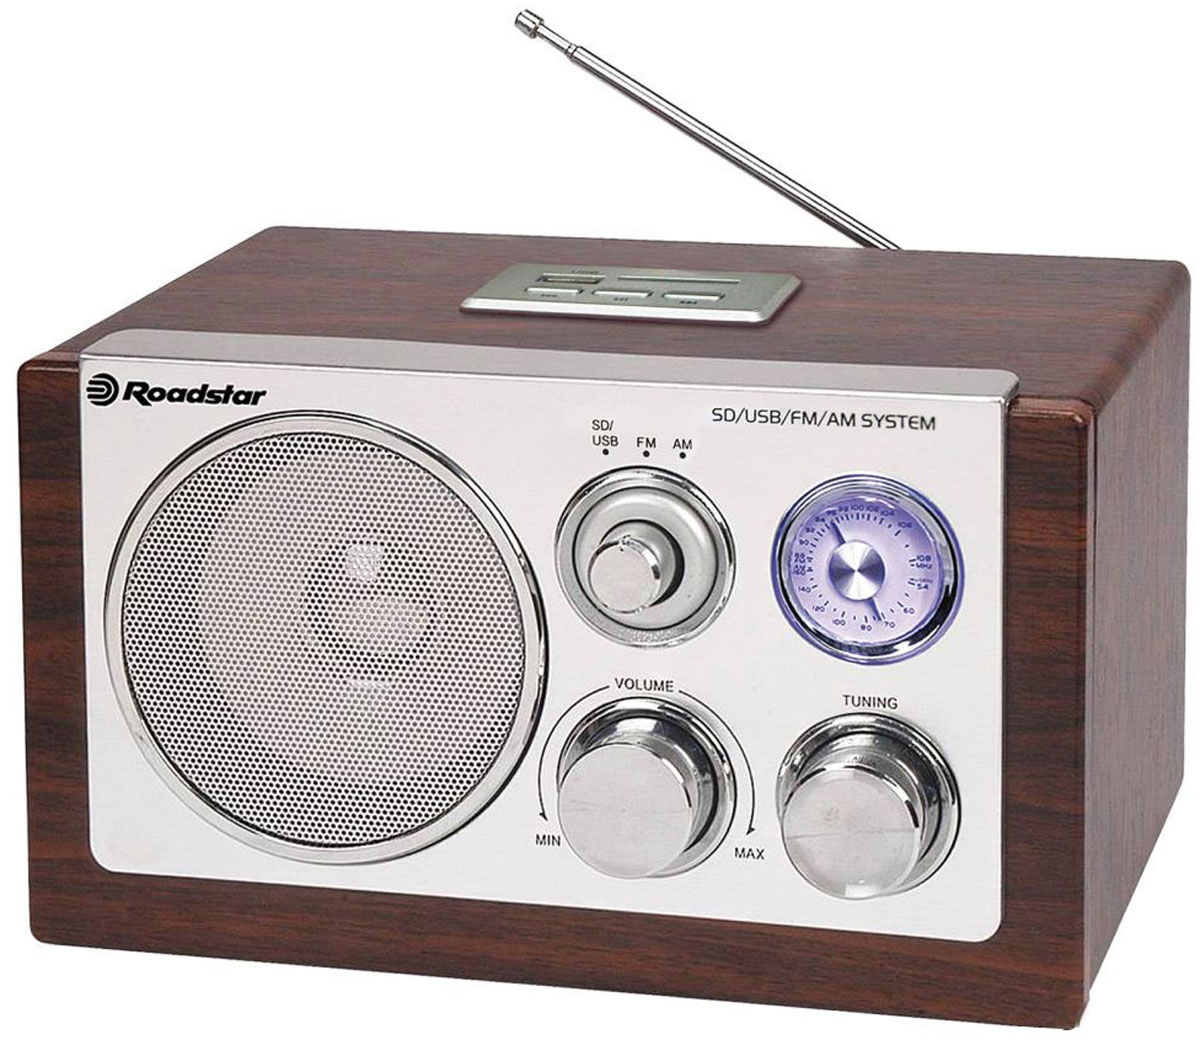 RoadStar HRA-1325US/WD, Wood, ретро-радиоприемникHRA-1325US/WDRoadStar HRA-1325US/WD - ретро FM/MW - радиоприемник, который обеспечивает высокое качество транслируемого звука. Он безусловно станет актуальным подарком для меломана или просто любителя ретро-дизайна. Устройство оснащено дисплеем с голубой подсветкой и ручной регулировкой диапазона вещания.Качественное звучание RoadStar HRA-1325US/WD действительно поразит вас и доставит удовольствие при прослушивании любимых радиостанций.